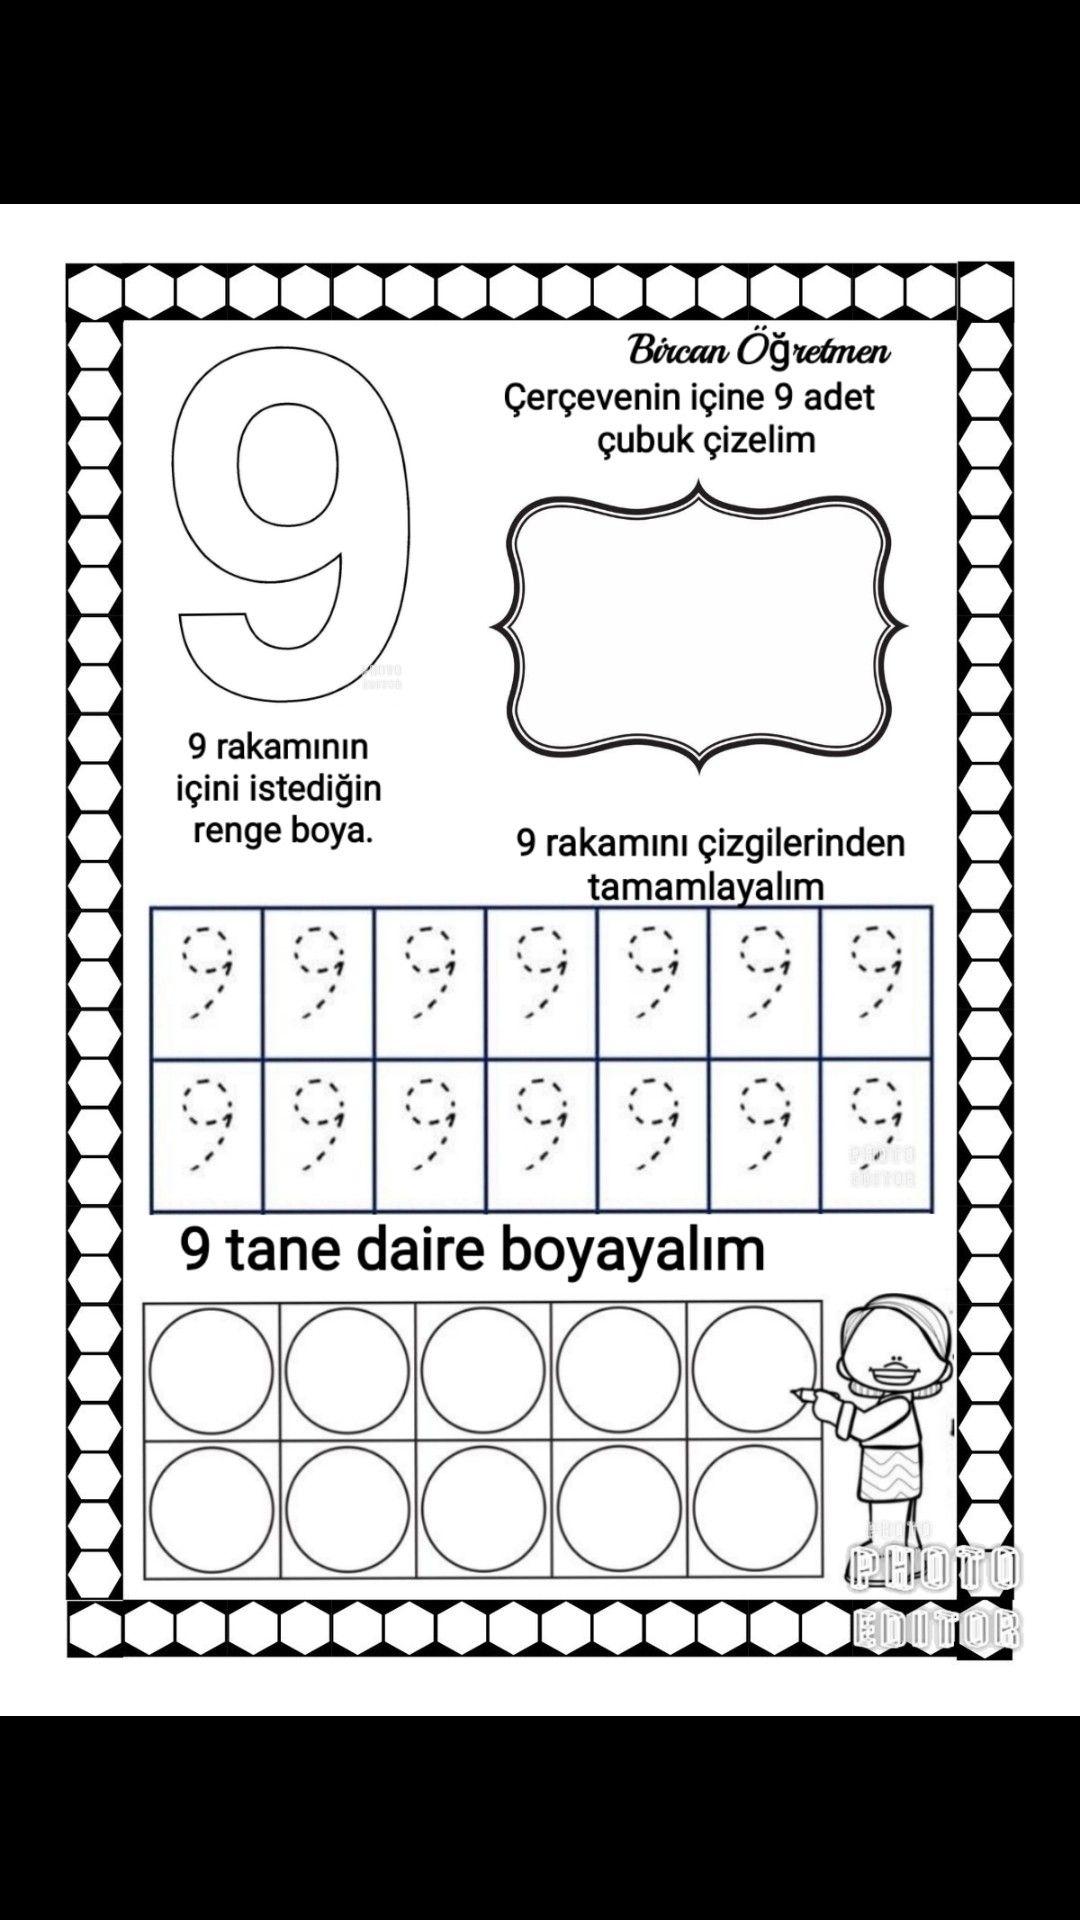 9 Rakami Calismasi Matematik Matematik Okul Oncesi